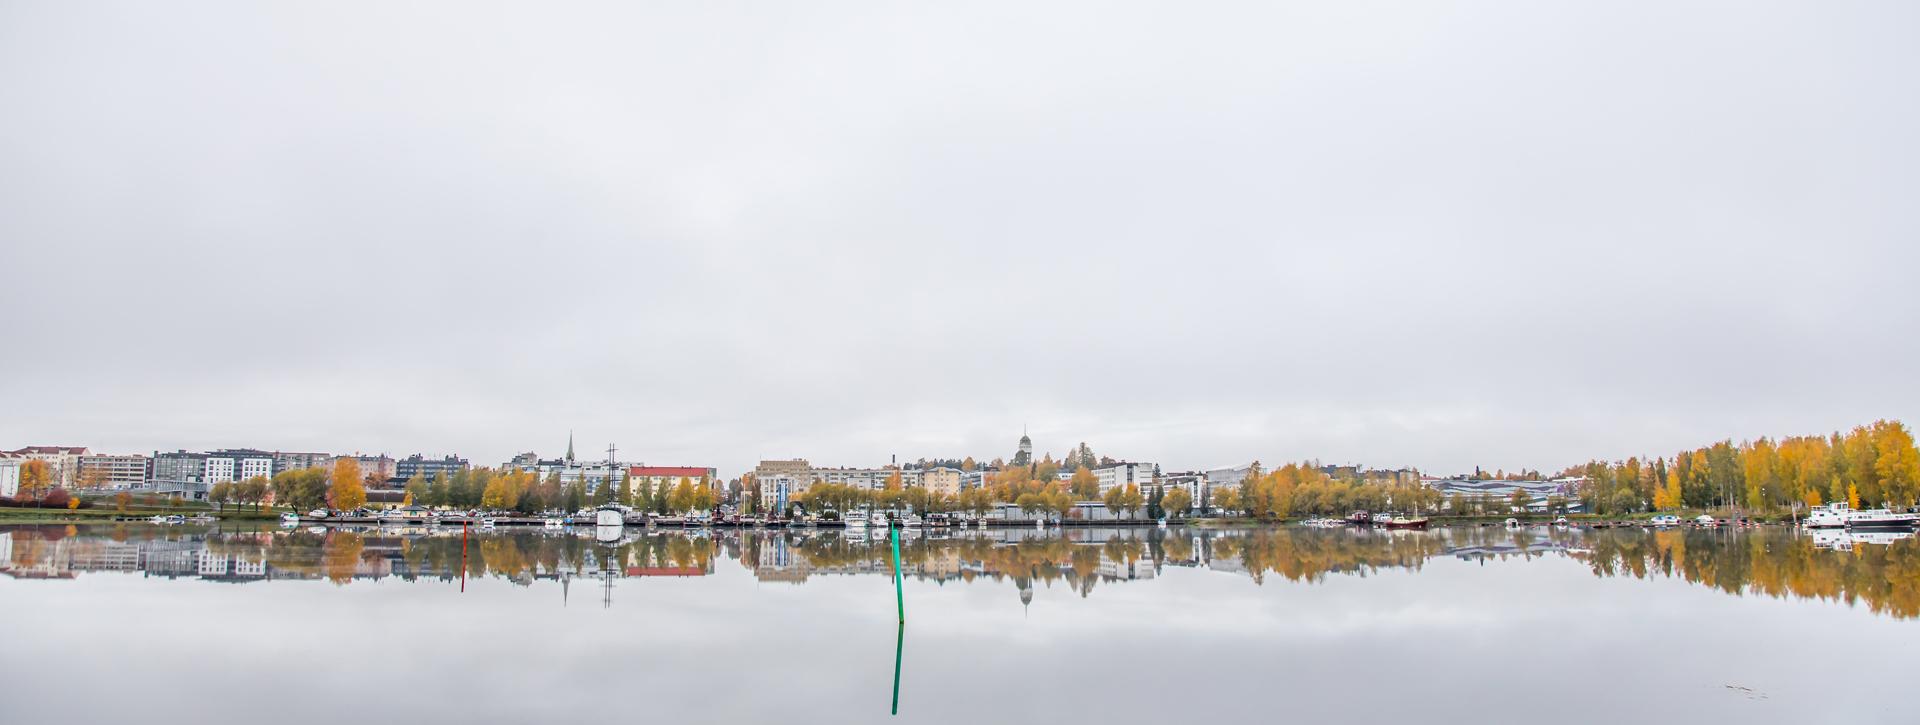 Yleiskuva MIkkelistä Saimaalta kuvattuna.